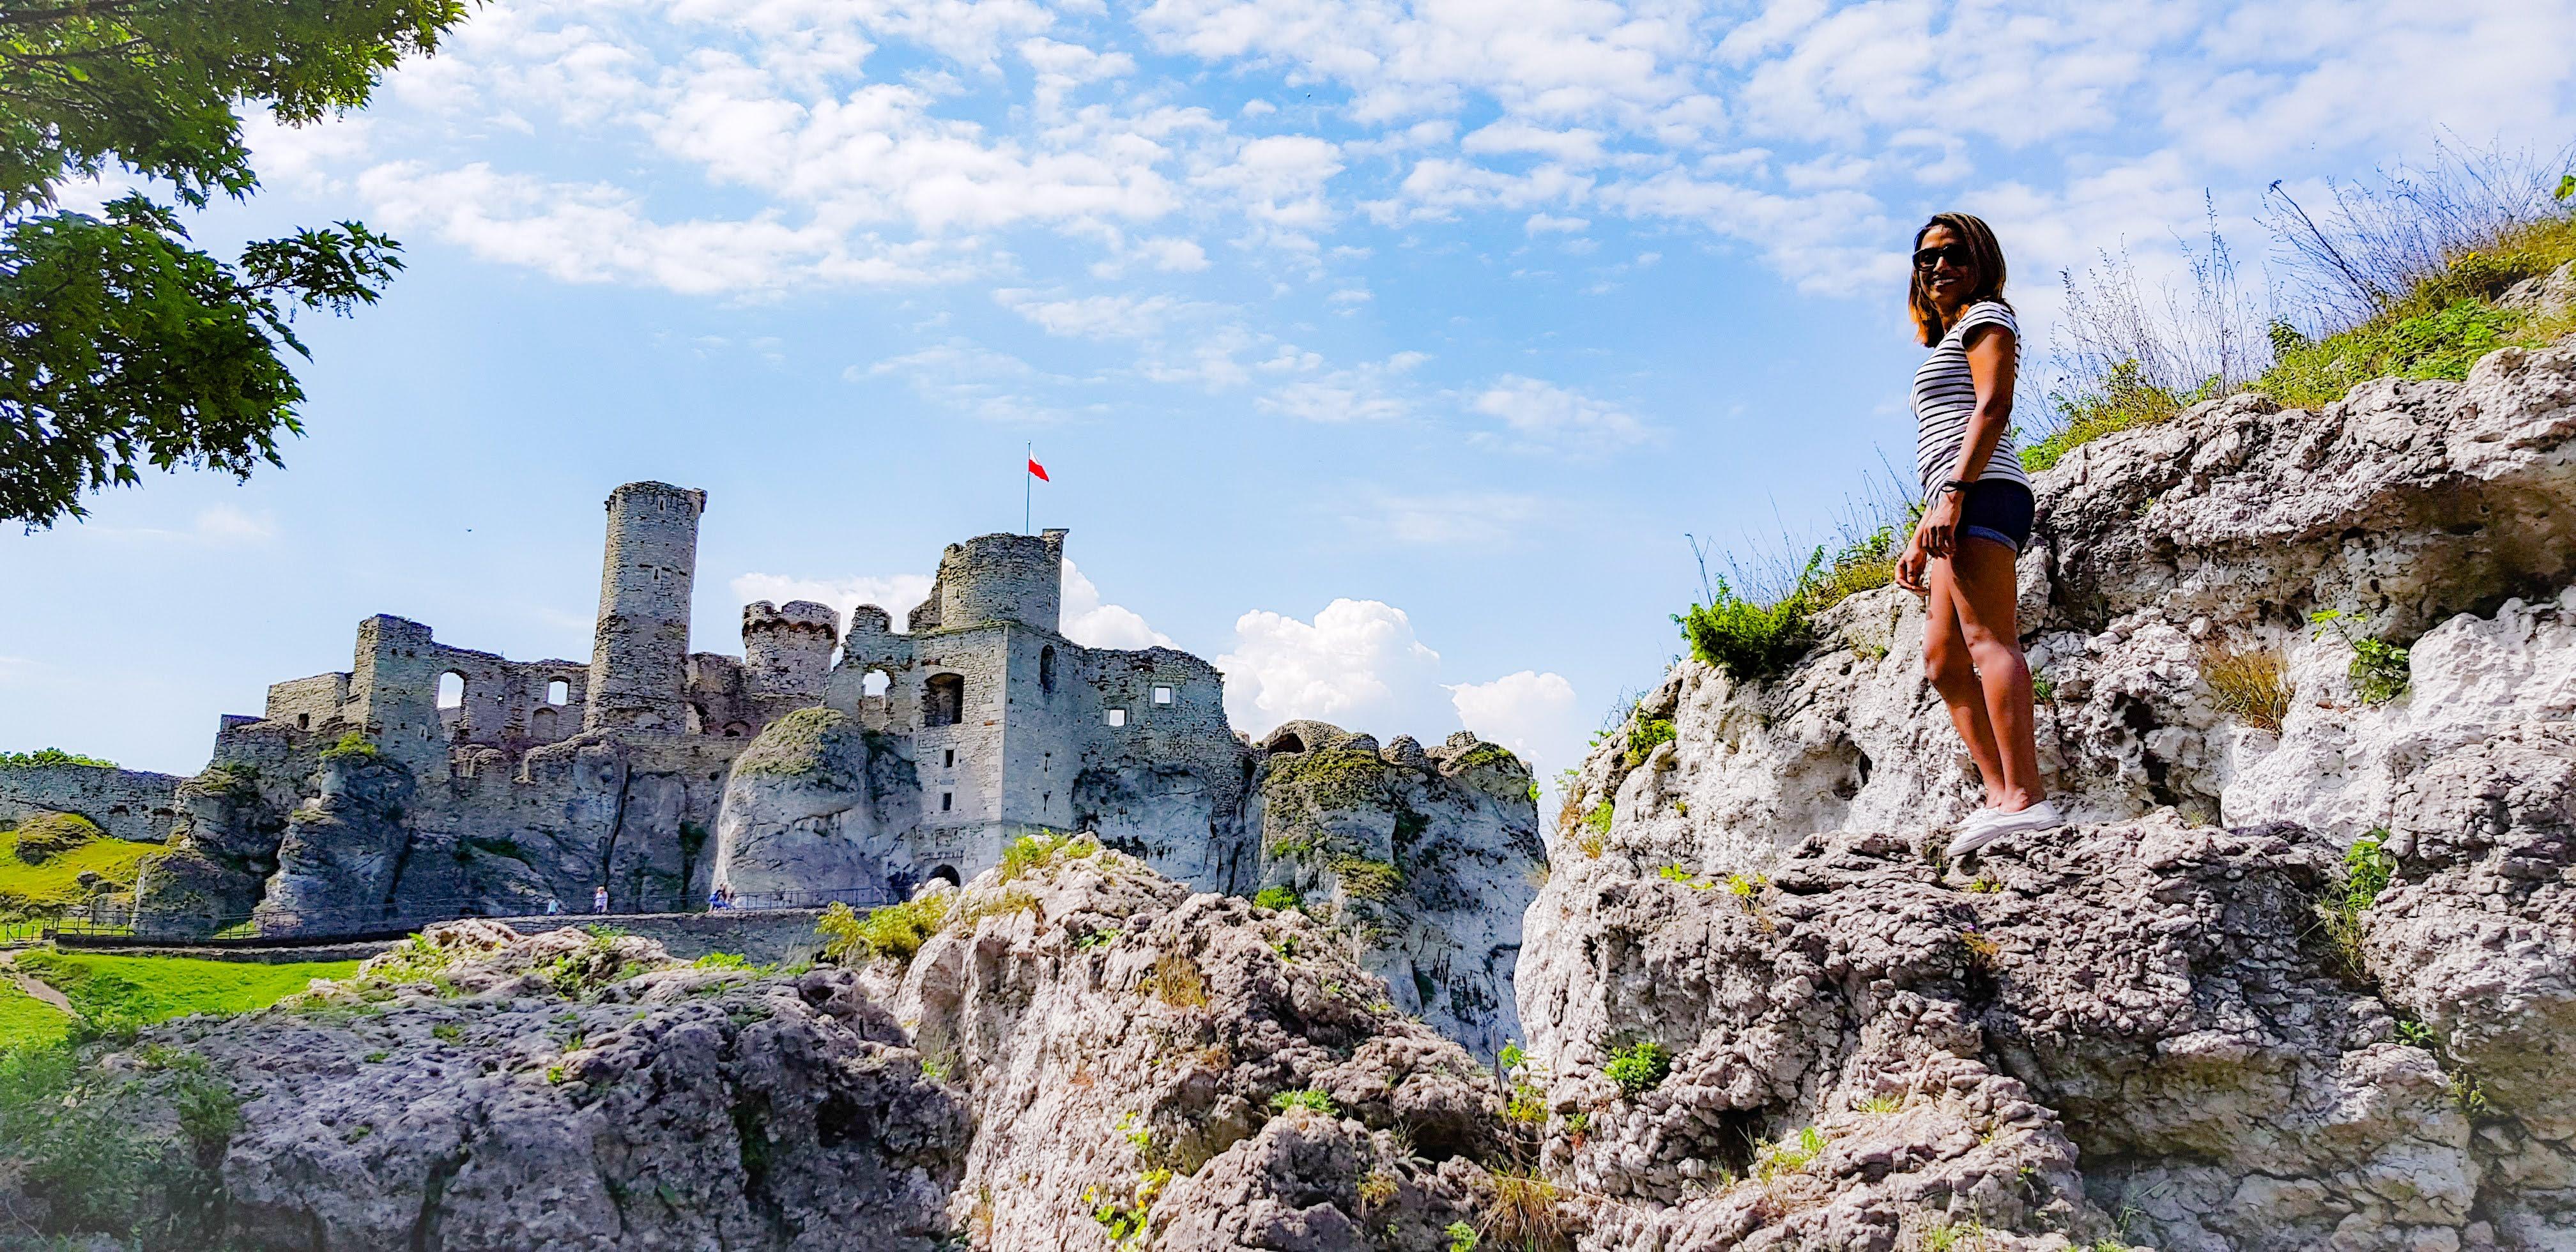 A Garden Castle – Ogrodzieniec (Ogrod-ji-en-ieths)